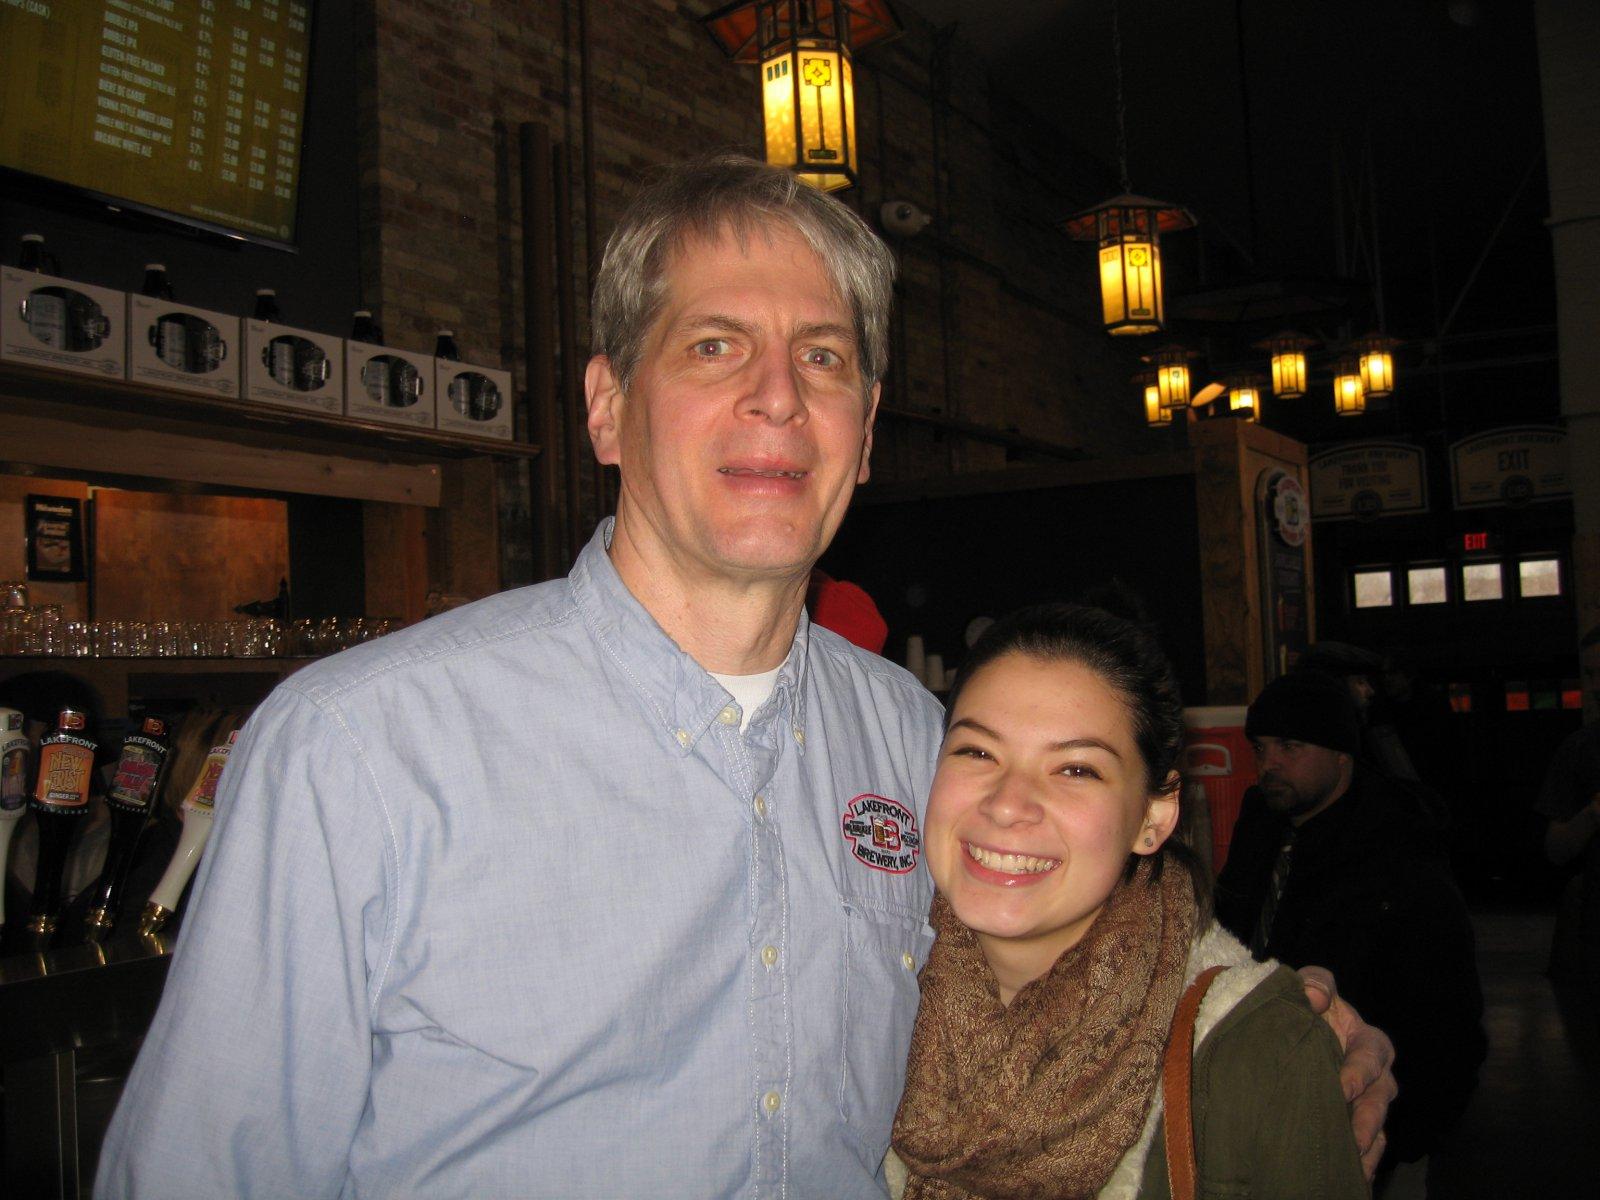 Russ Klisch and Jacqueline Klisch